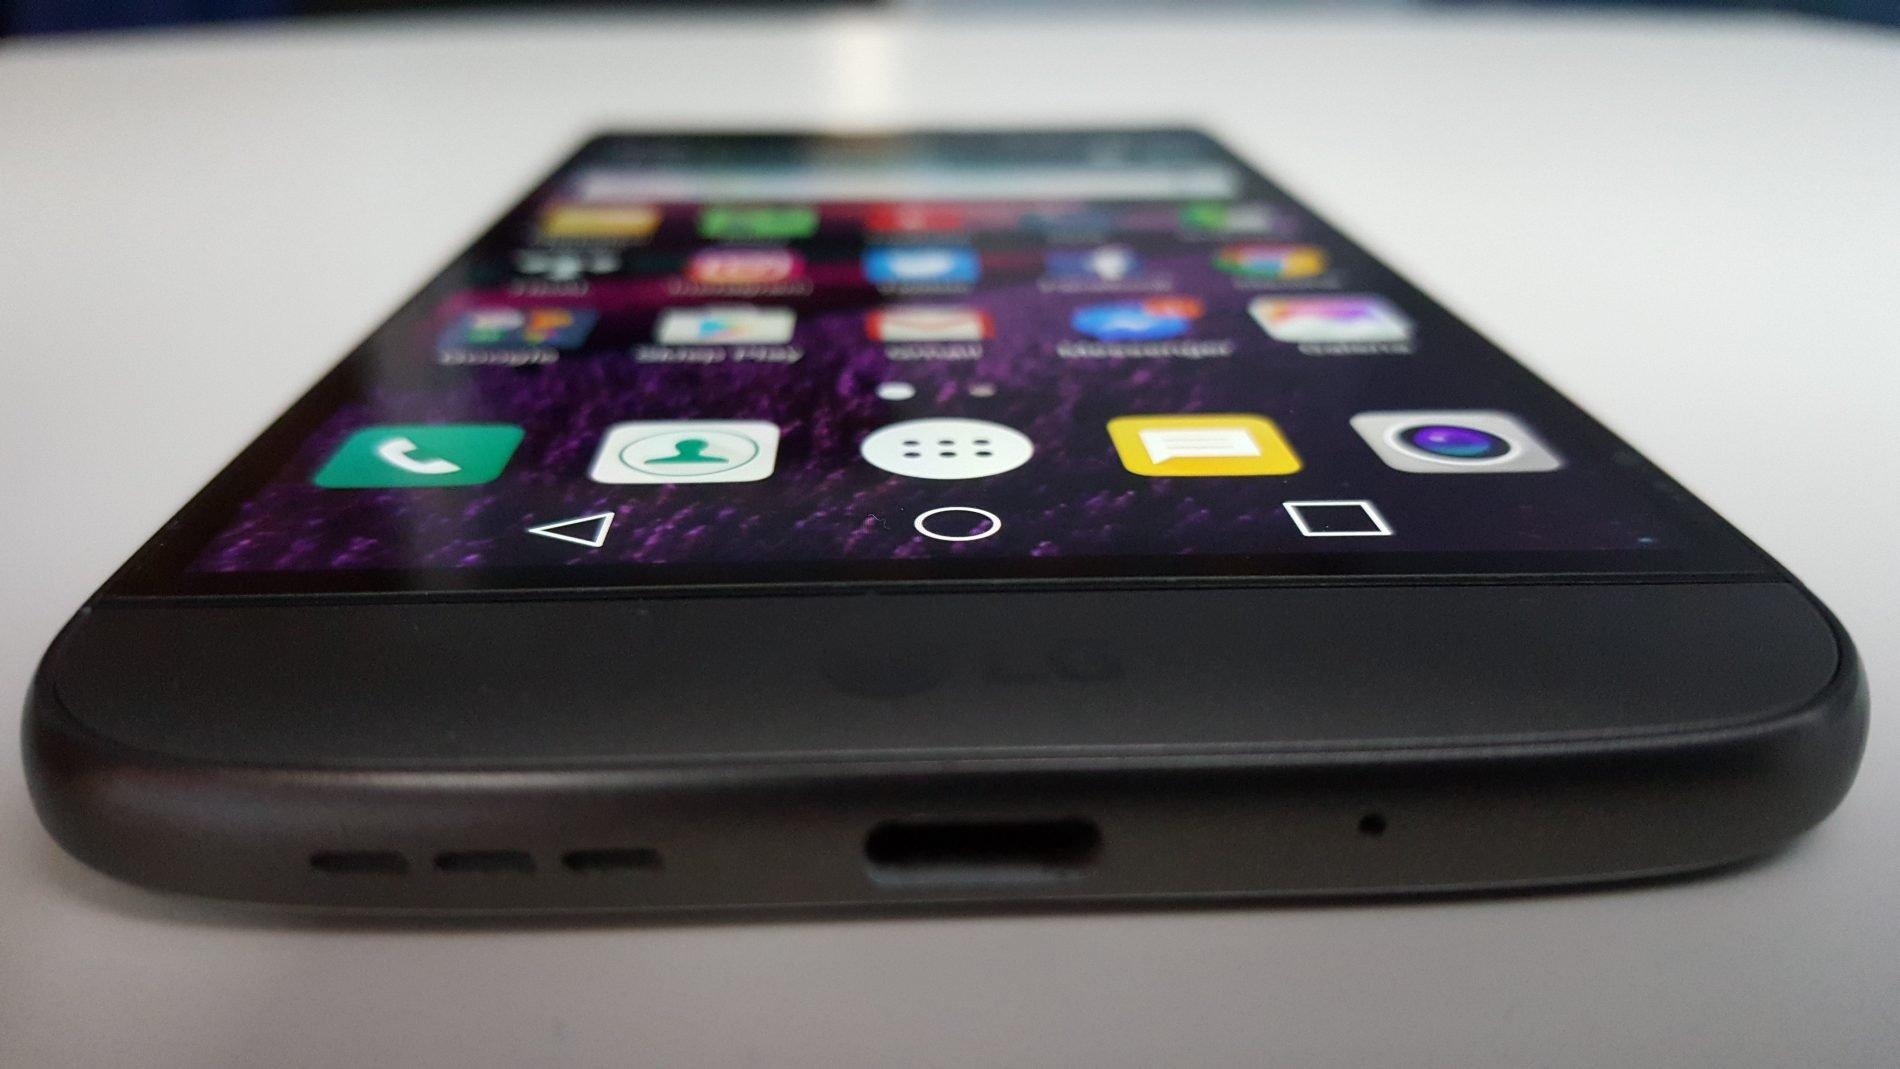 Żegnamy z sentymentem: LG G5, LG V20 oraz Nexusy 6P i 5X nie otrzymają już żadnych aktualizacji Androida 16